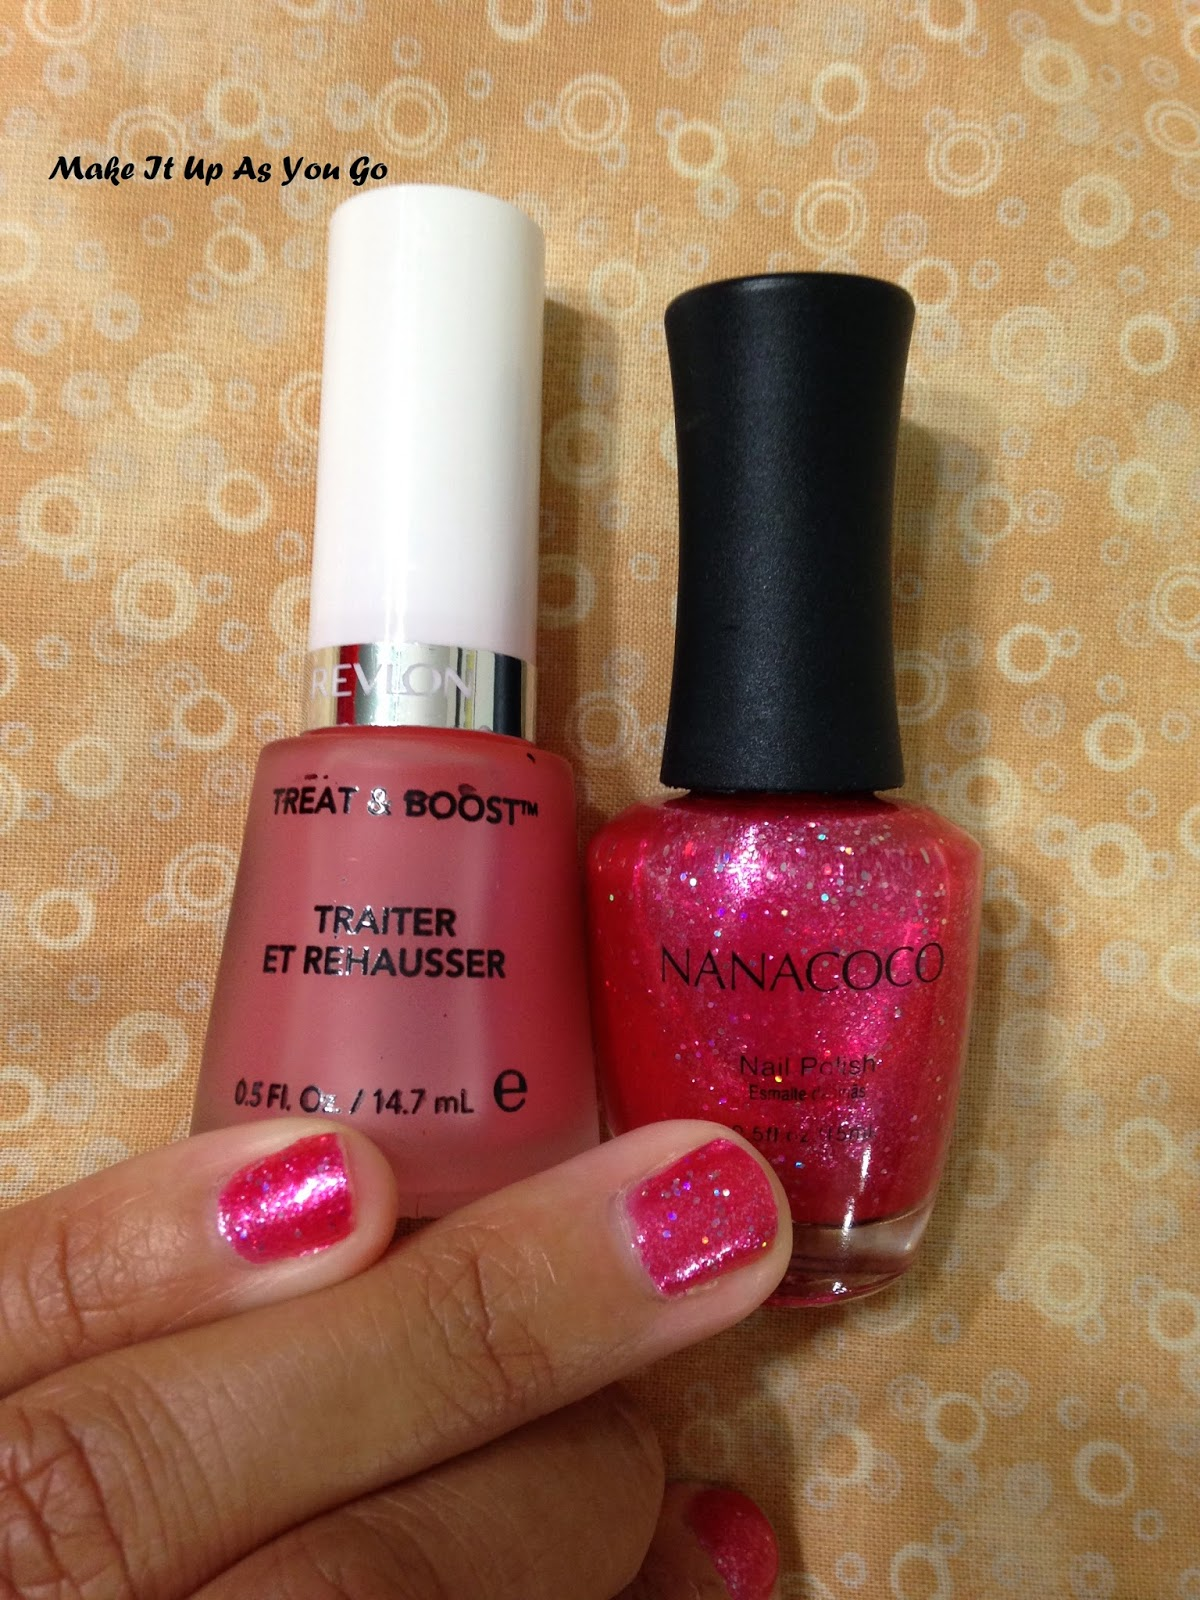 Make It Up As You Go: Nail Polish Change - Nanacoco in Las Vegas